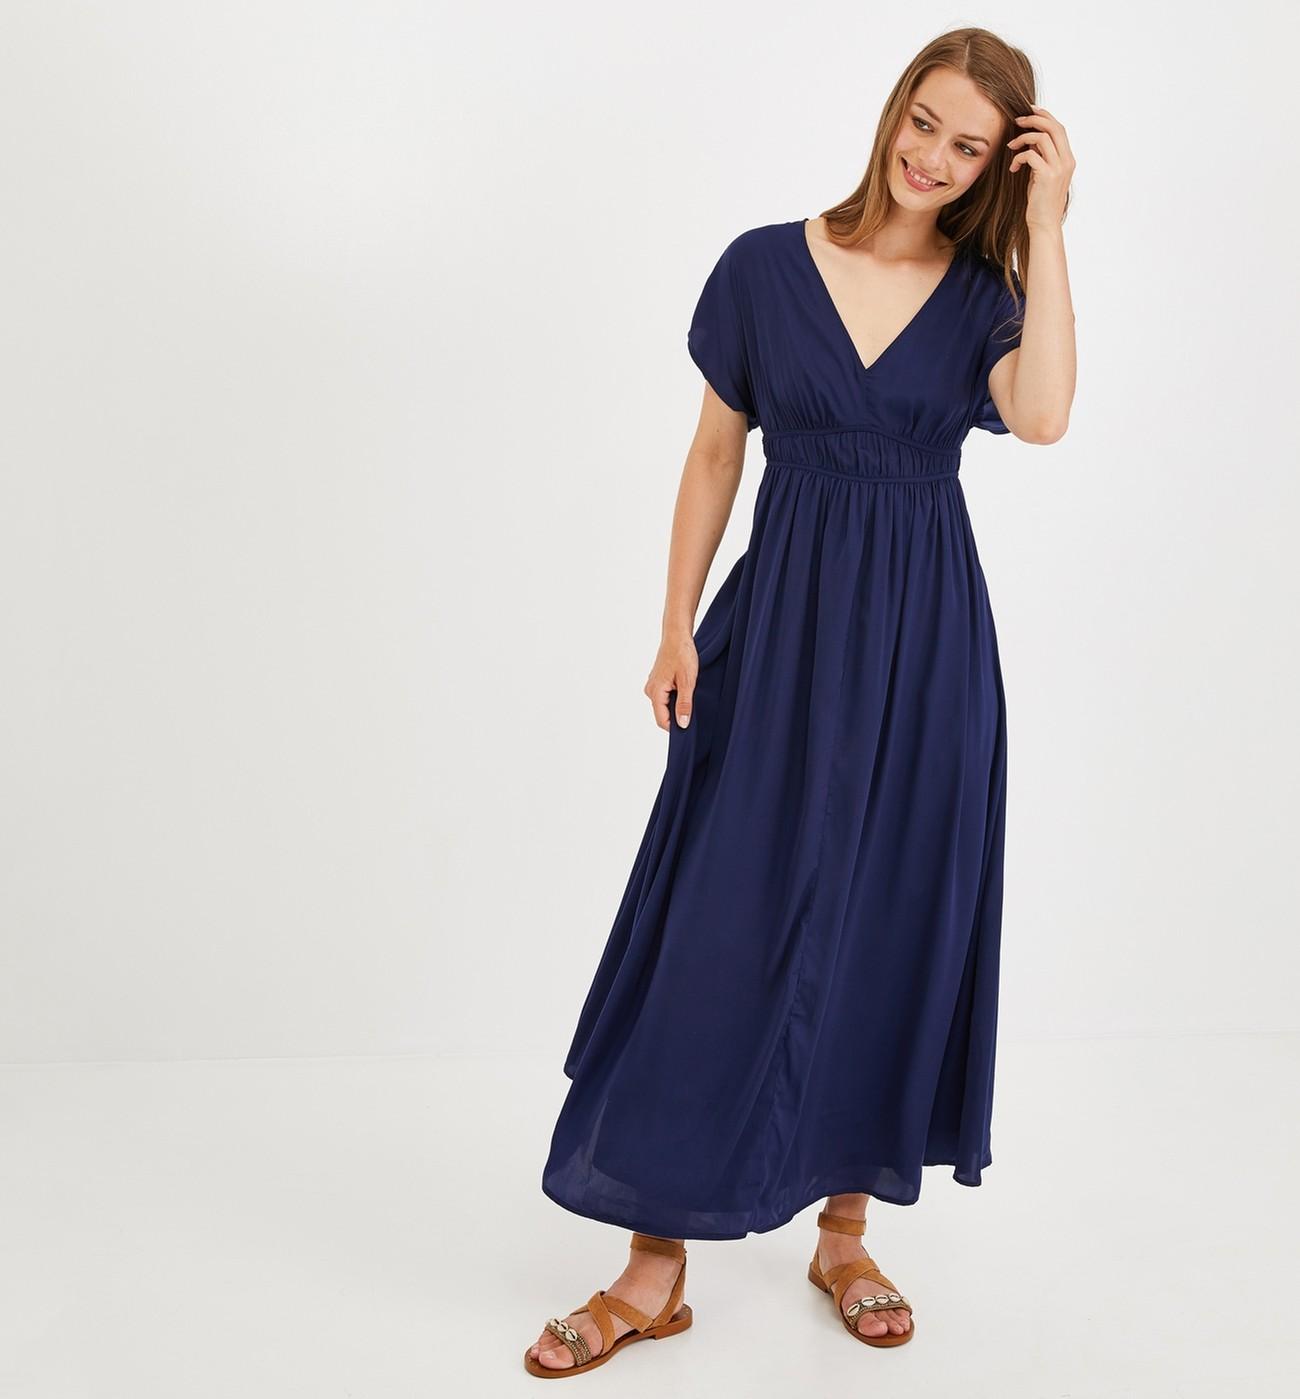 Longue Promod Robe Longue Soyeuse Robe Longue Soyeuse Promod Promod Robe Soyeuse Promod P8n0wkO